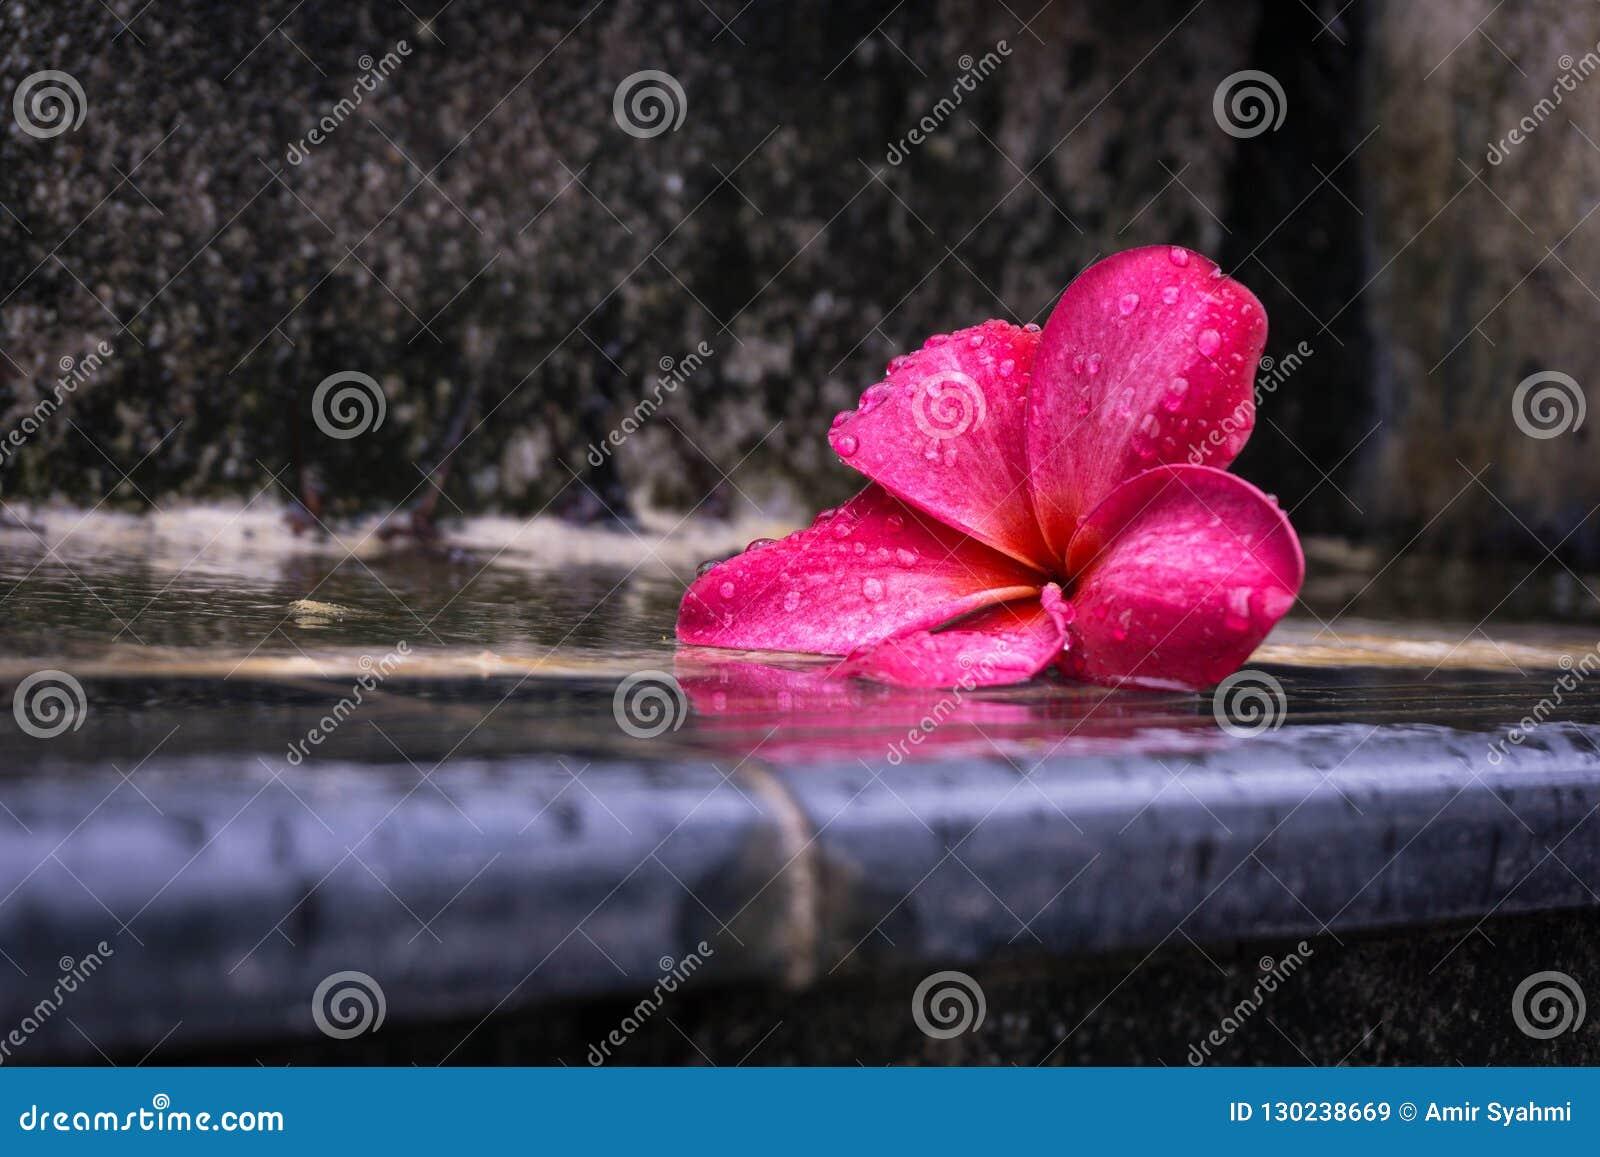 Flower Petals On A Wet Stair